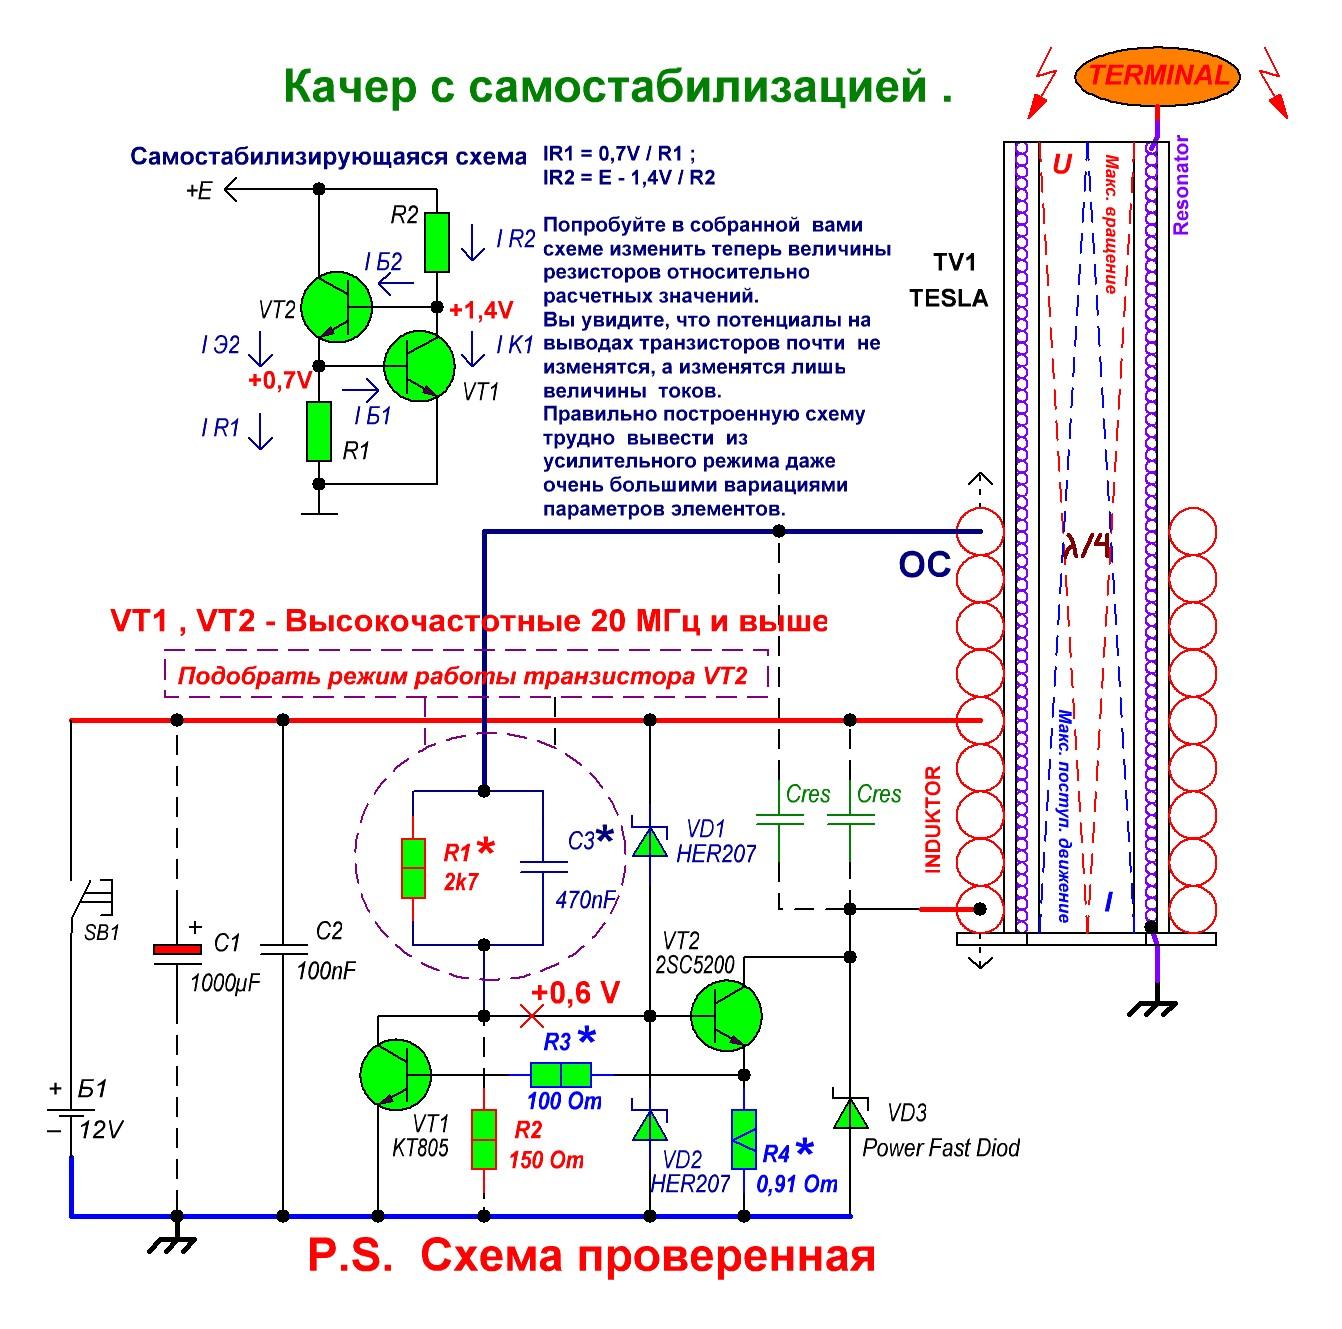 Схема сборки лестницы якова на импортном тдкс